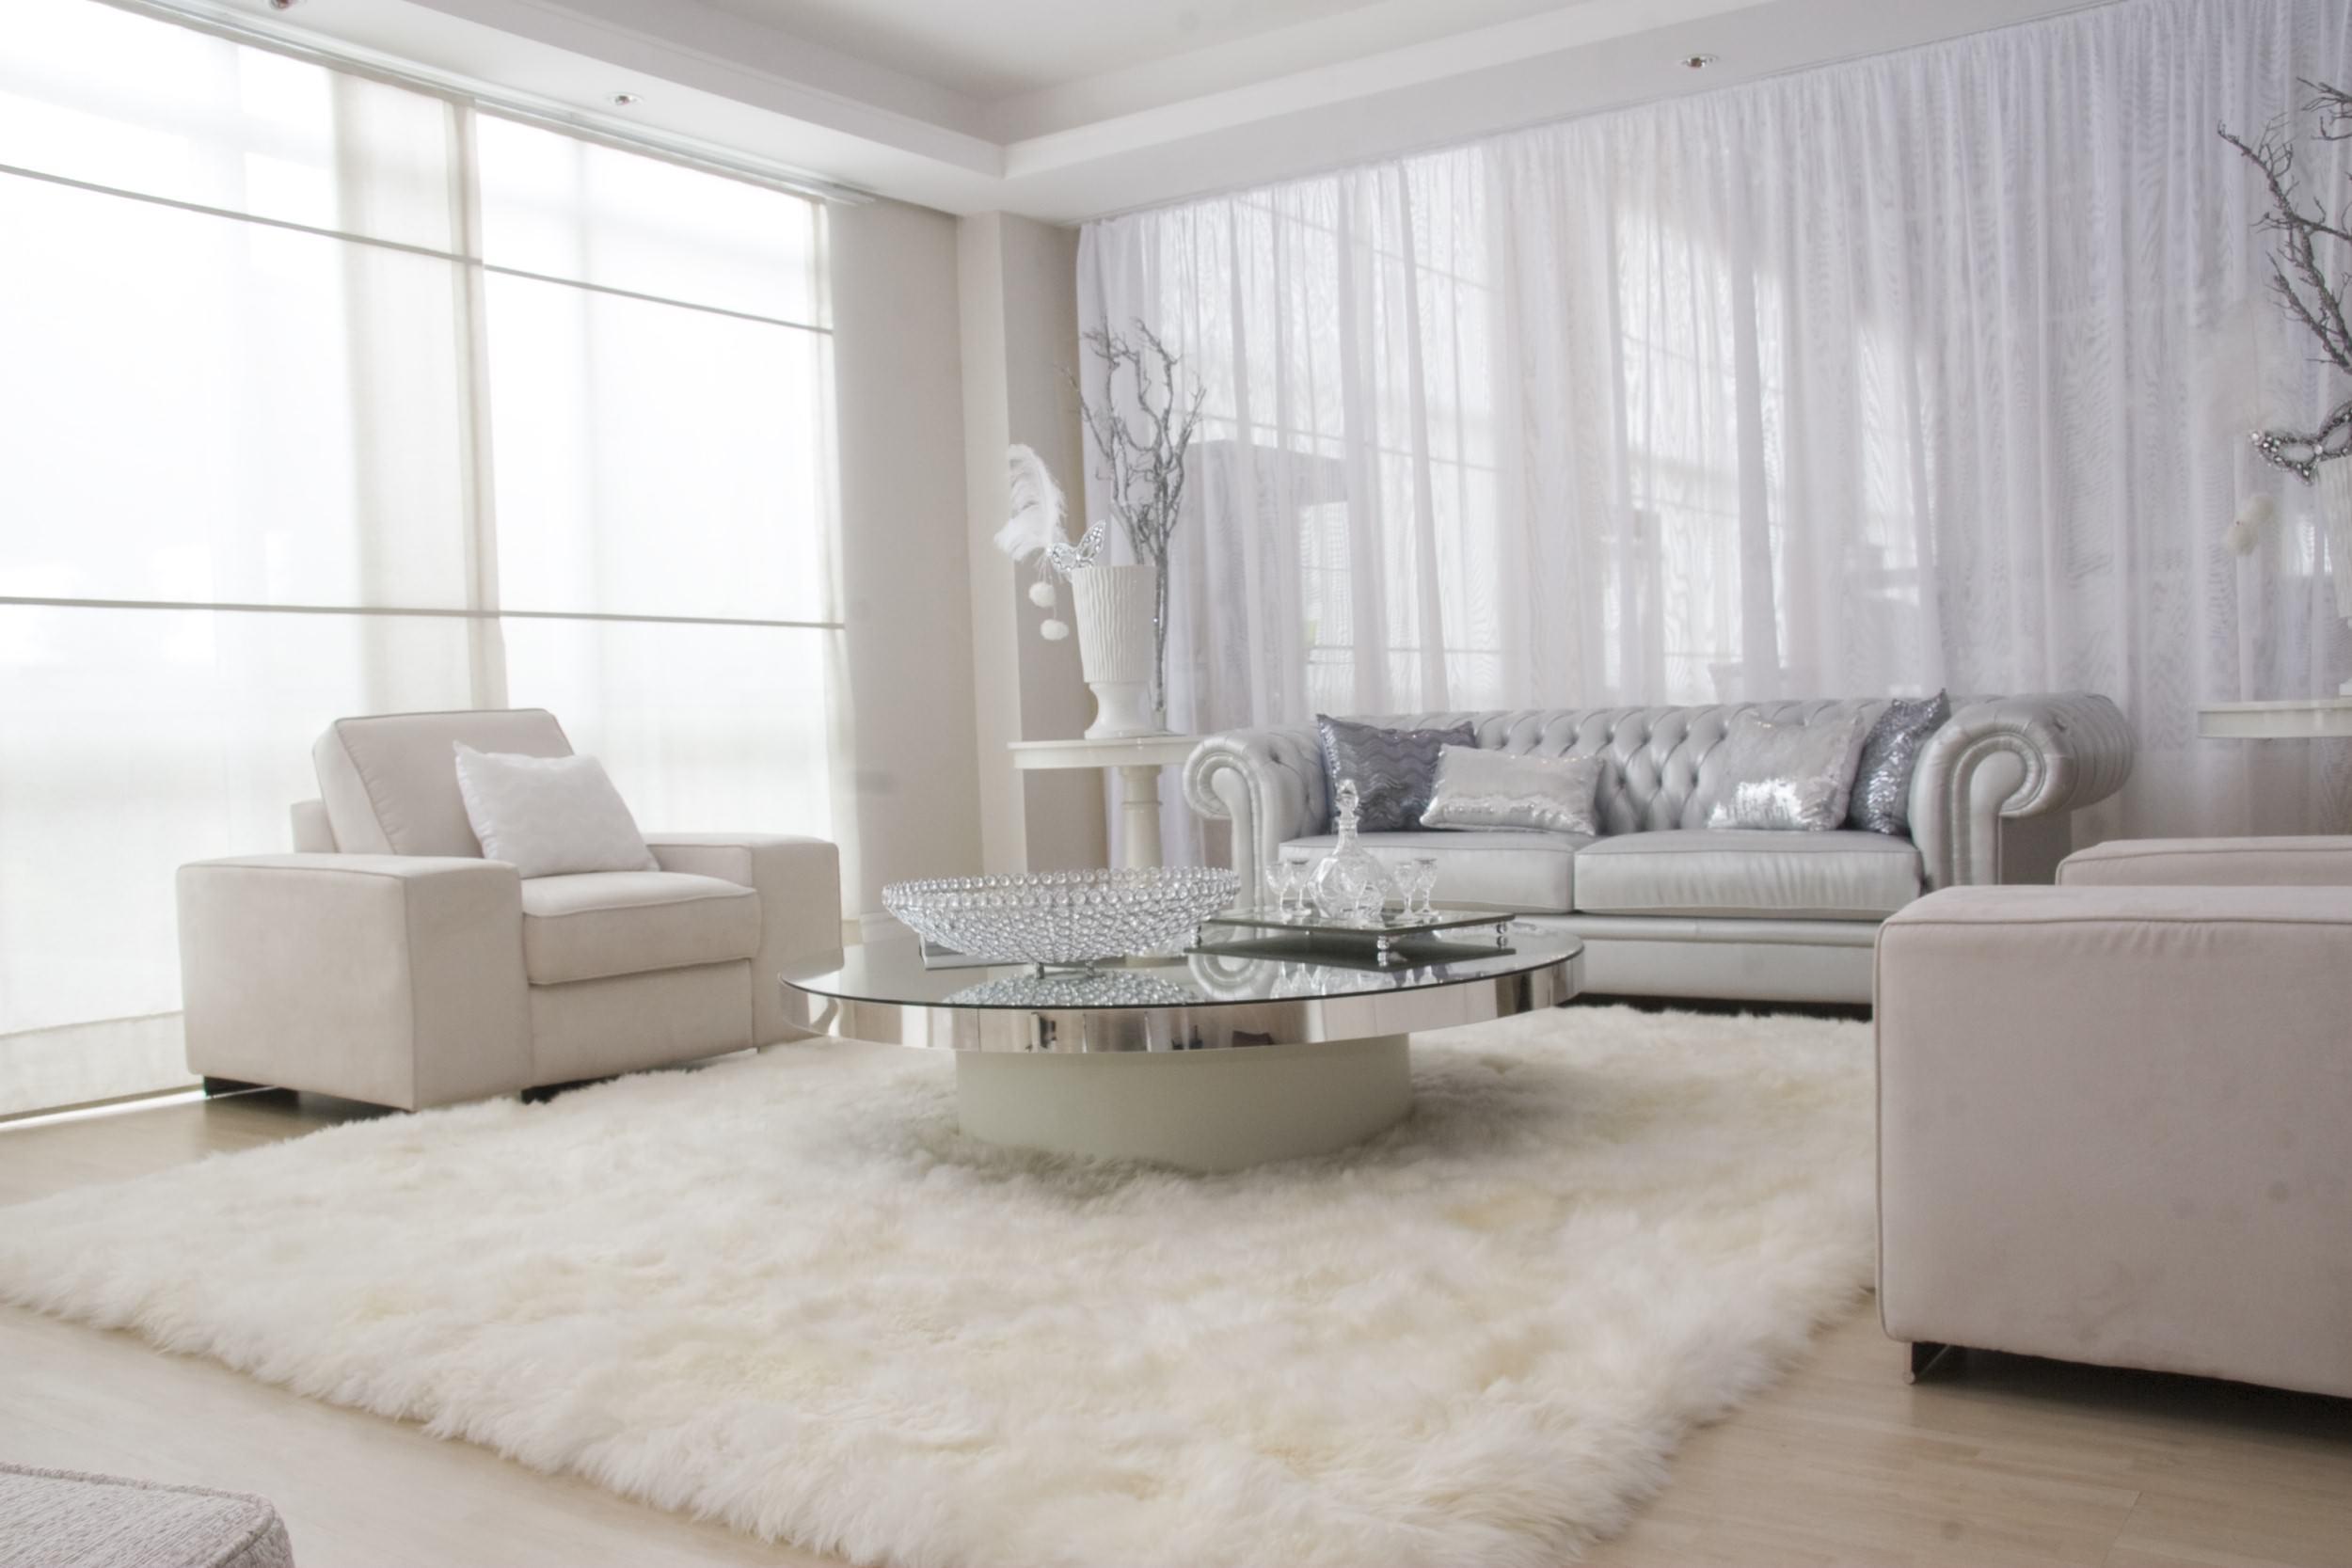 contemporary white living room design ideas 80 white modern formal living room ideas for 2018 FNDLXTJ